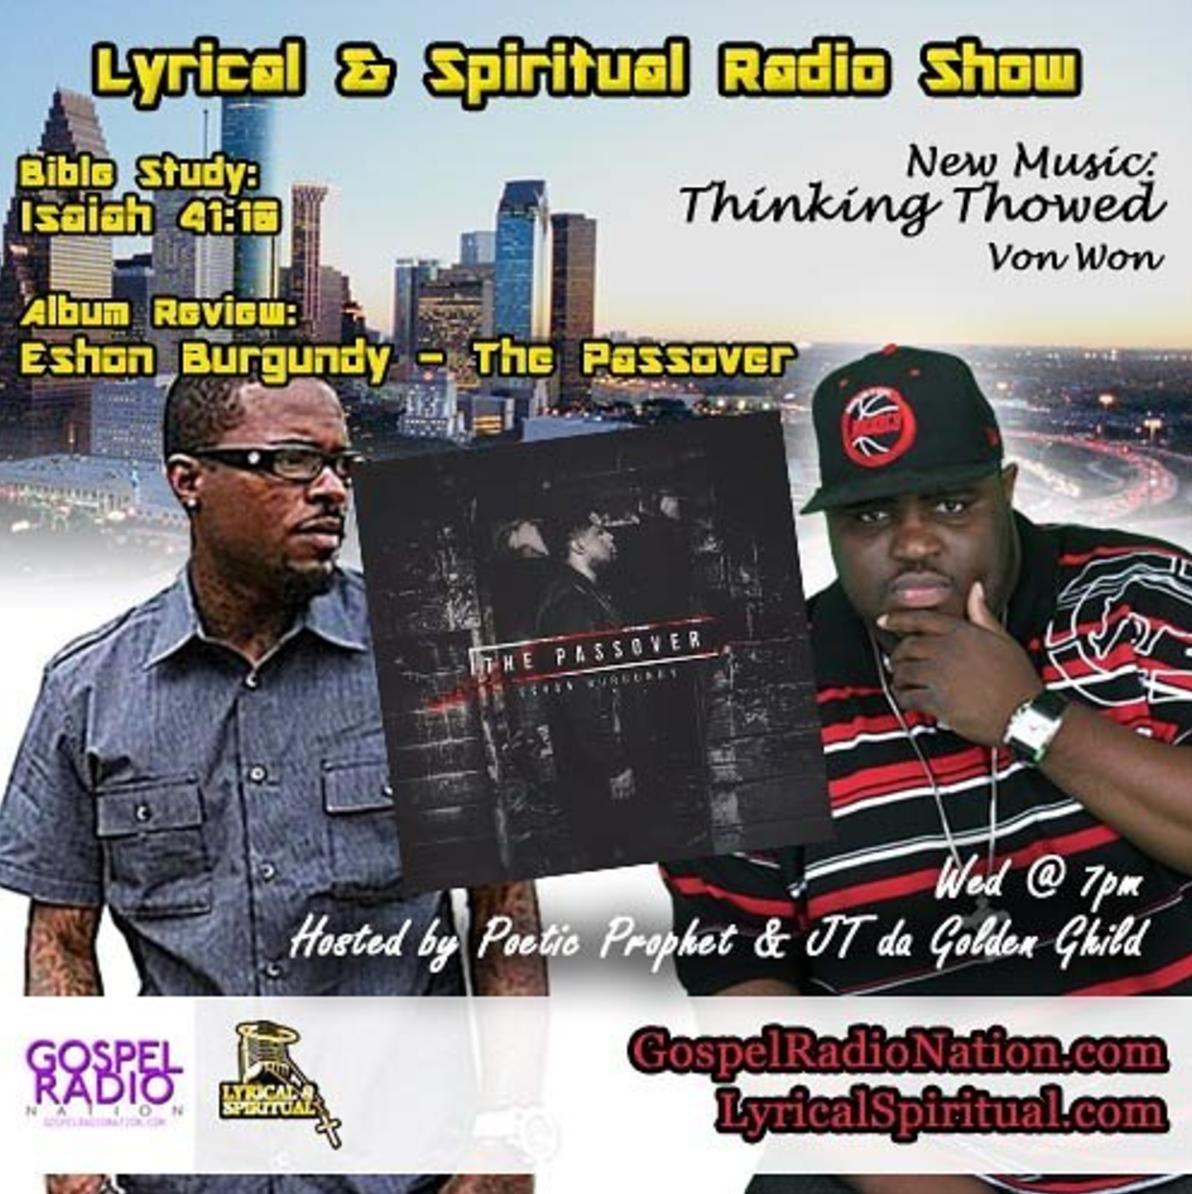 Lyrical & Spiritual Radio Show 51